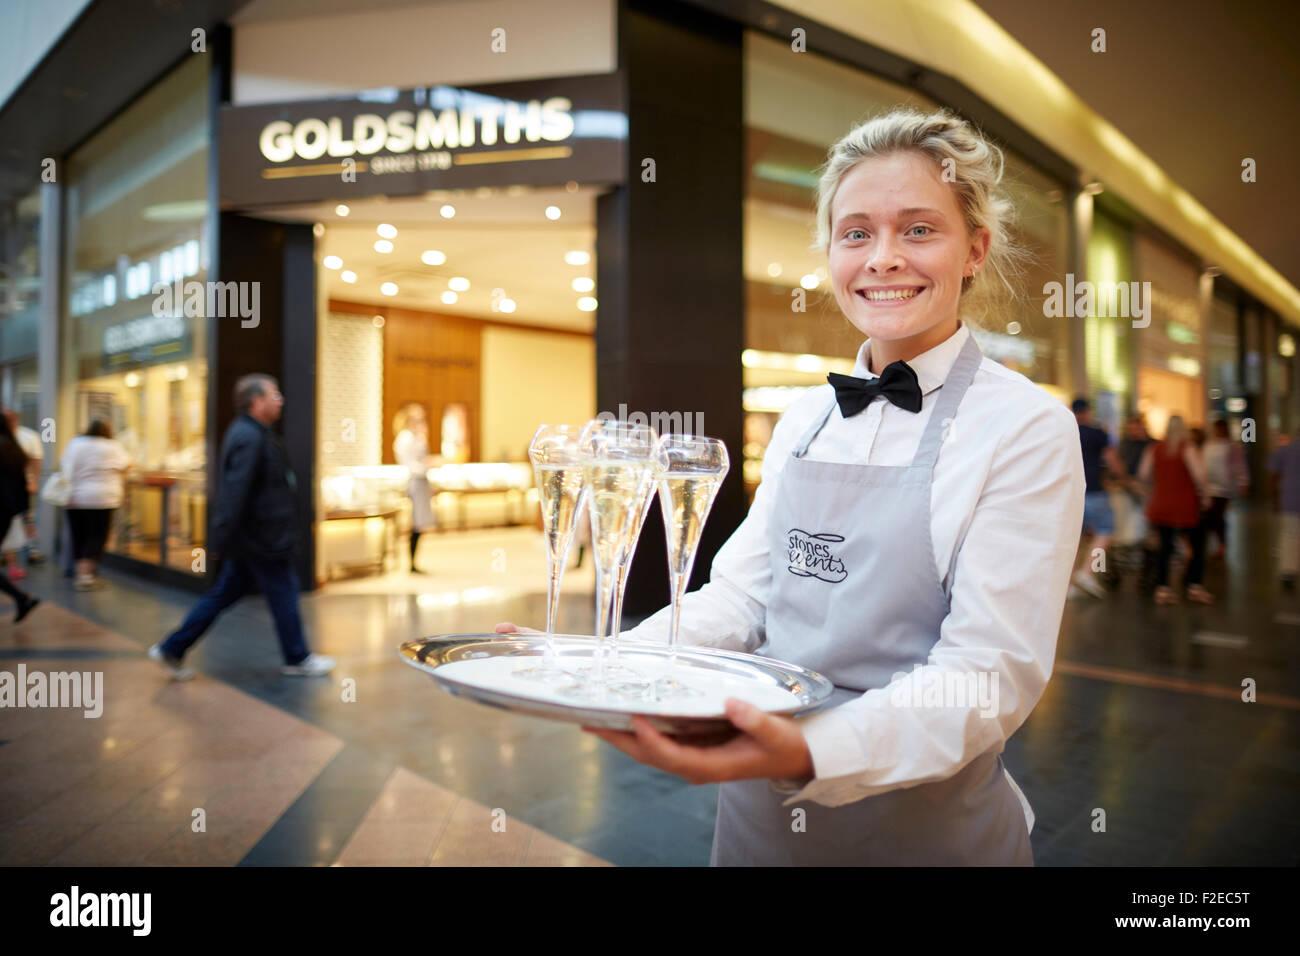 Super Marken Einkaufszentrum Stockfotos & Super Marken ...